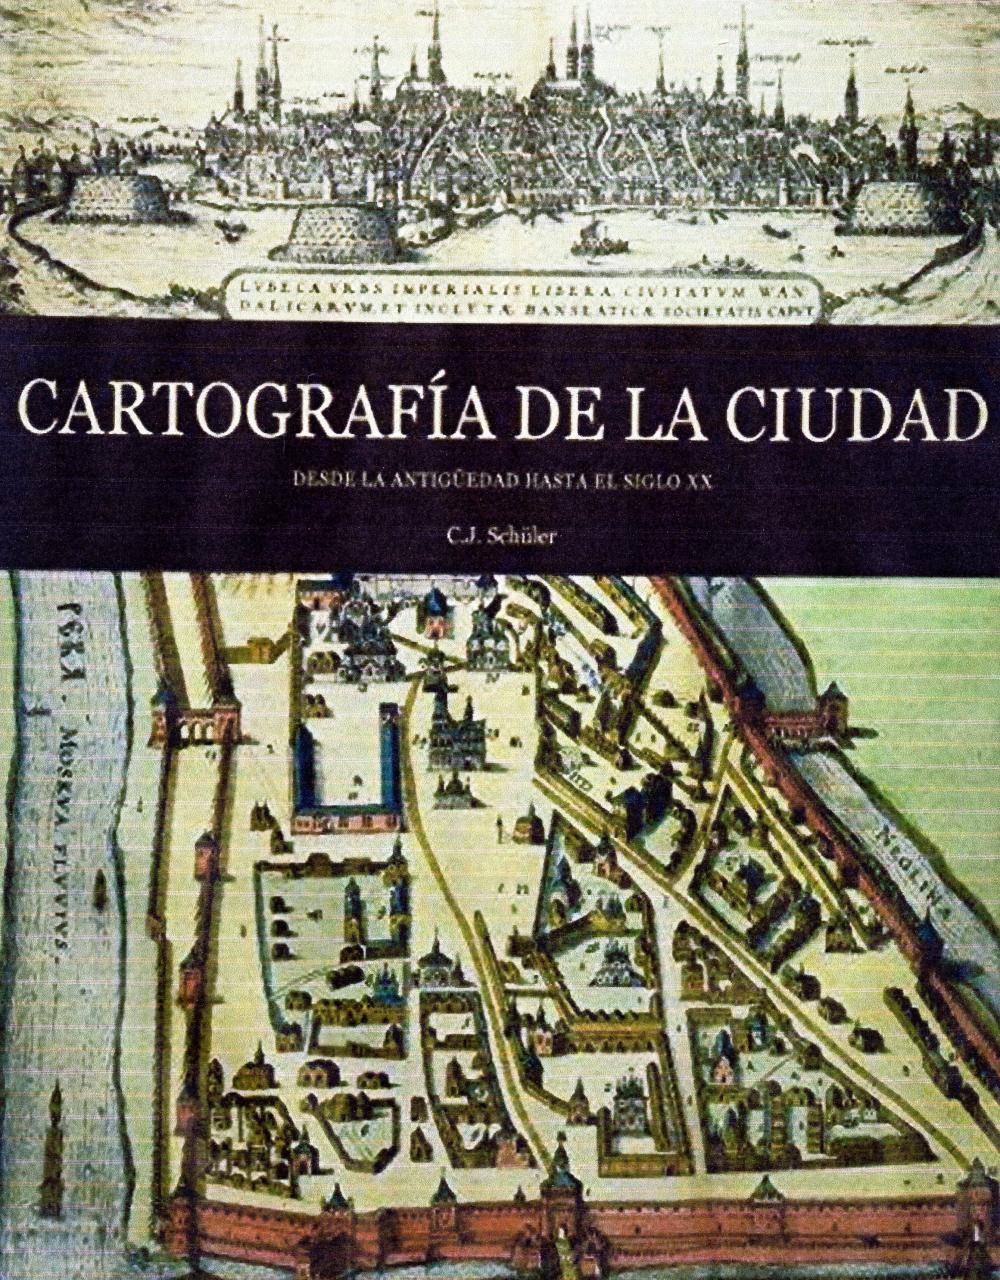 CARTOGRAFIA DE LA CIUDAD DESDE LA ANTIGUEDAD